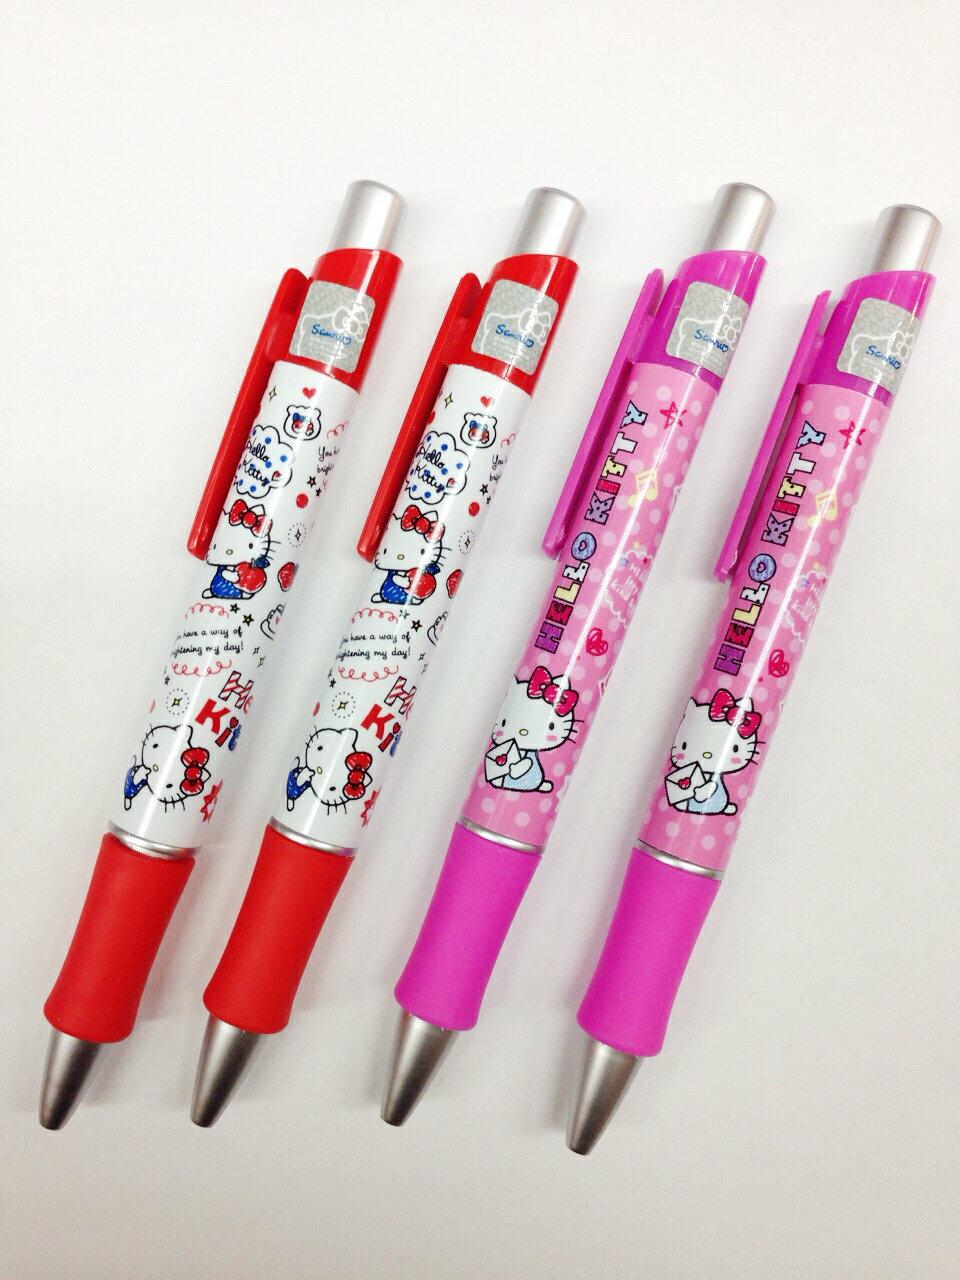 【真愛日本】15111400018自動鉛筆2入-KT弧形膠套2款  三麗鷗 Hello Kitty 凱蒂貓  書寫用具 文具 自動筆